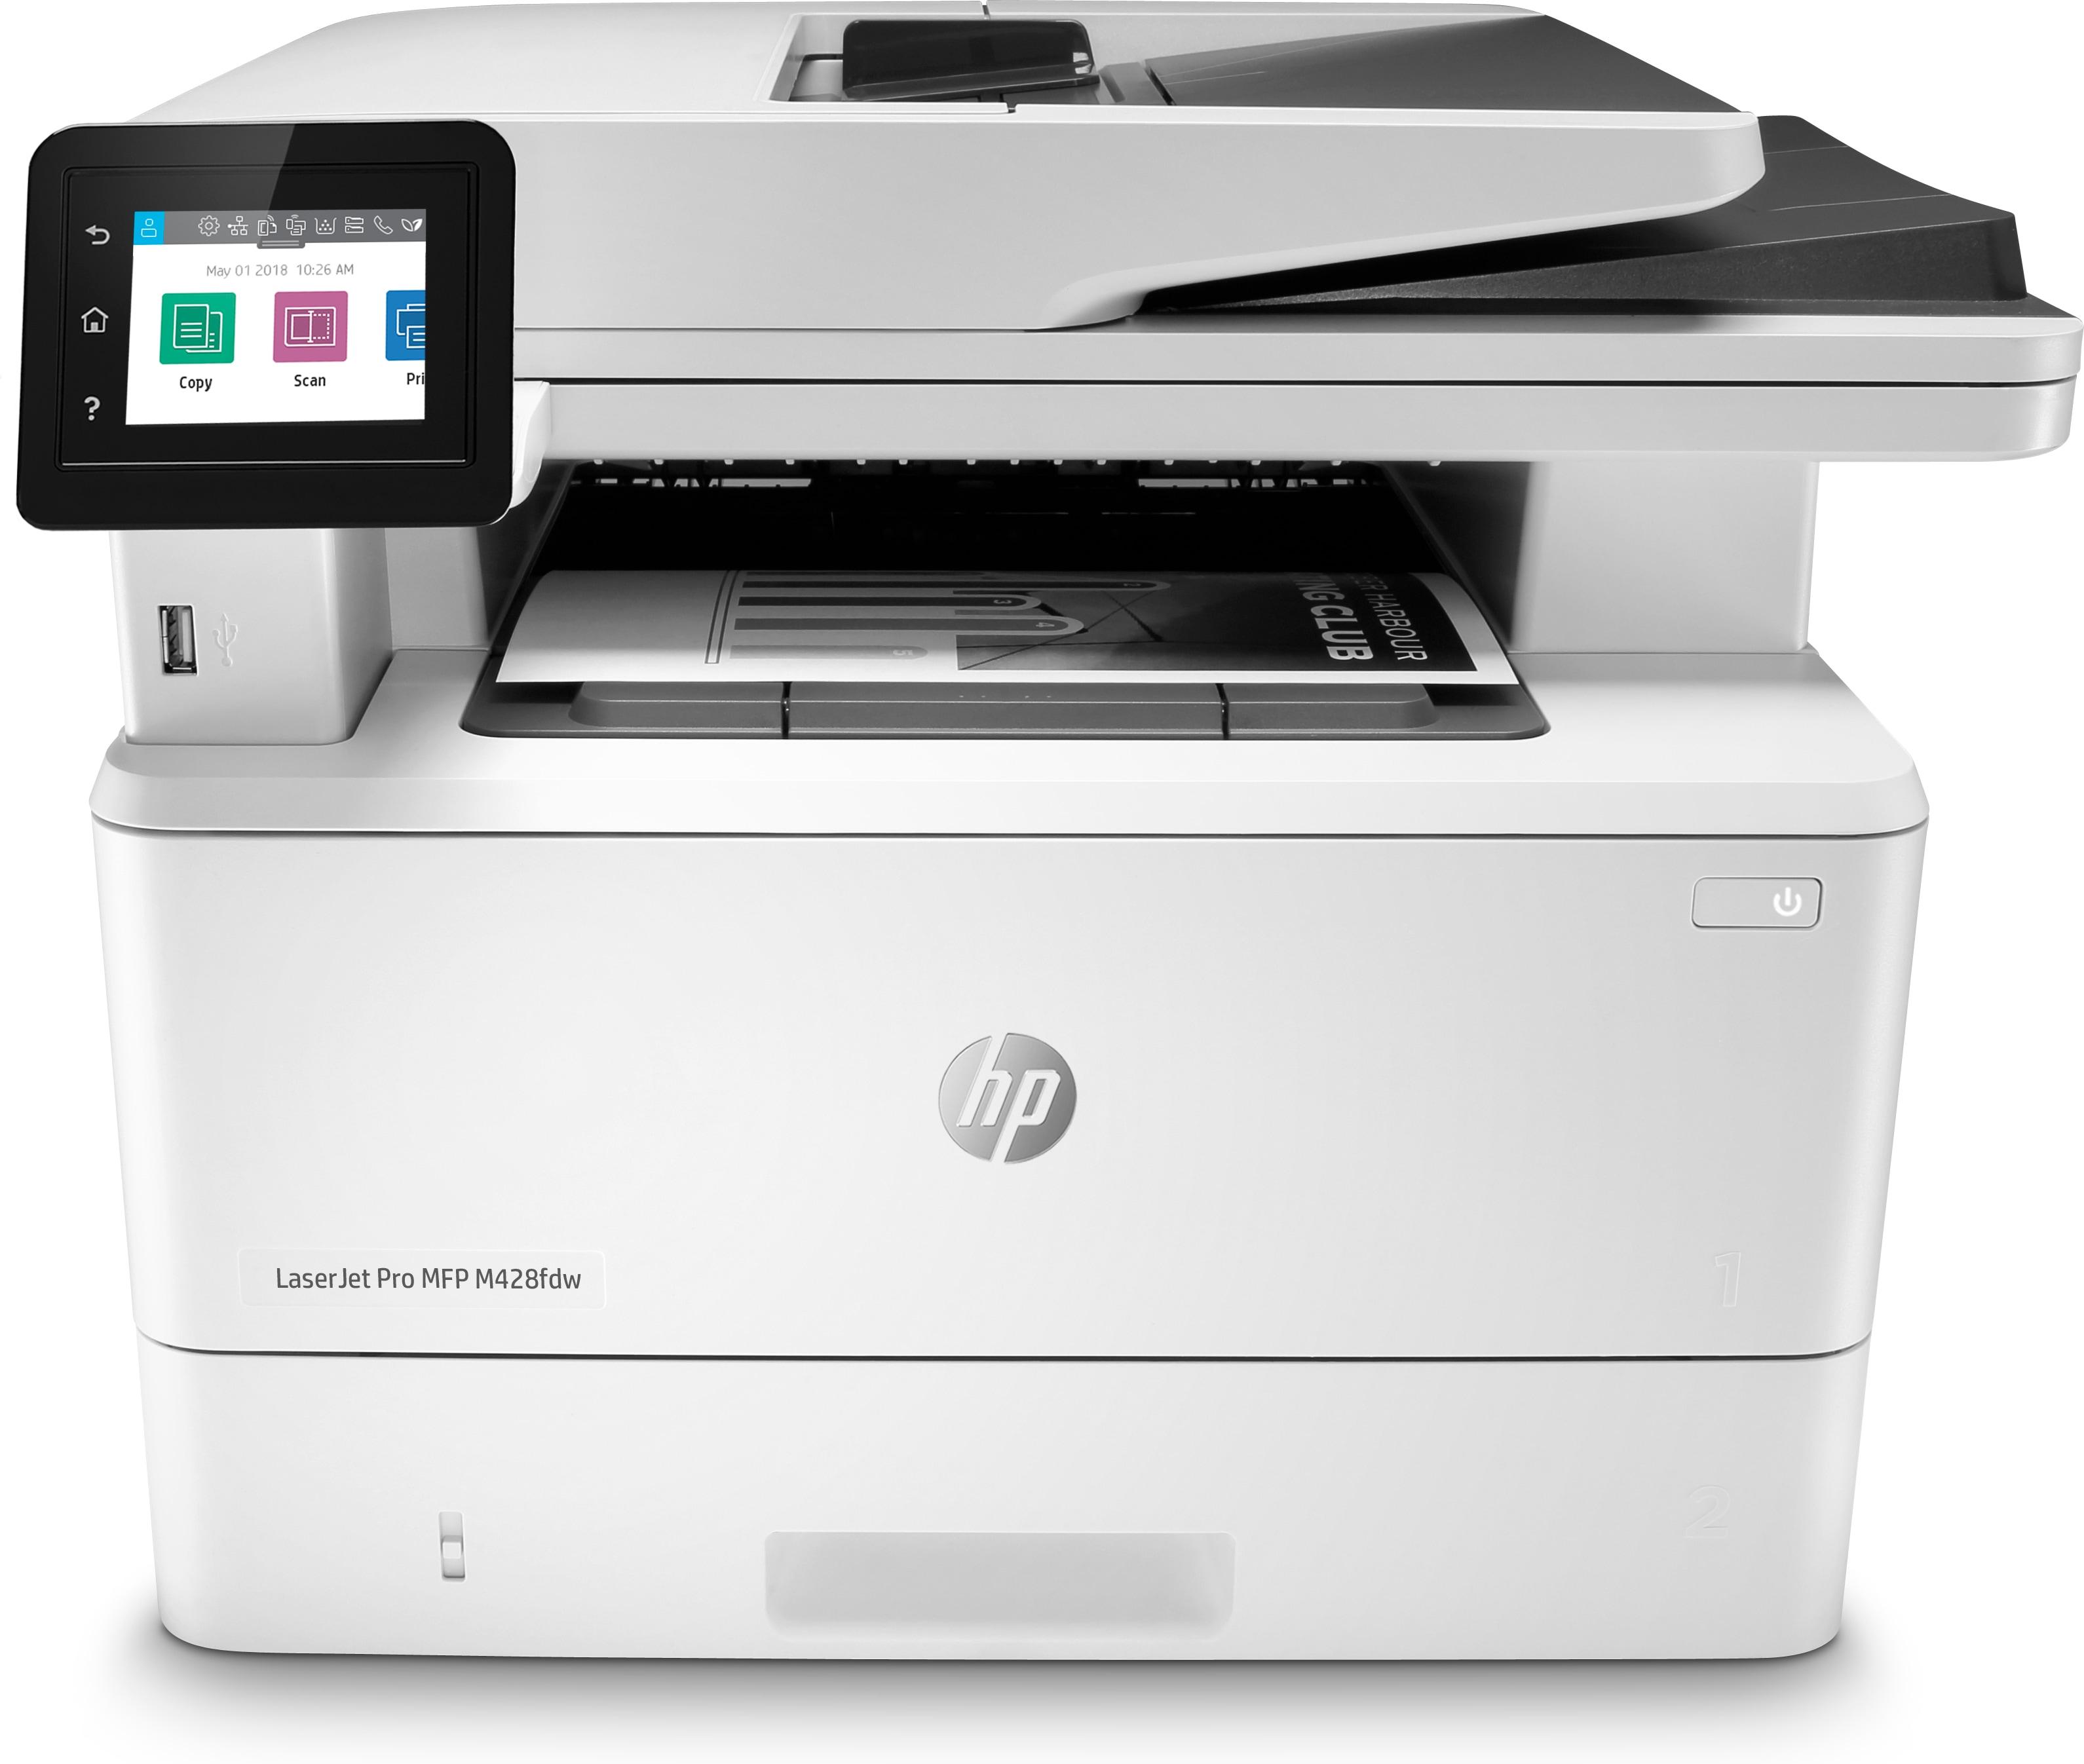 HP Multifunzione LaserJet Pro M428fdw